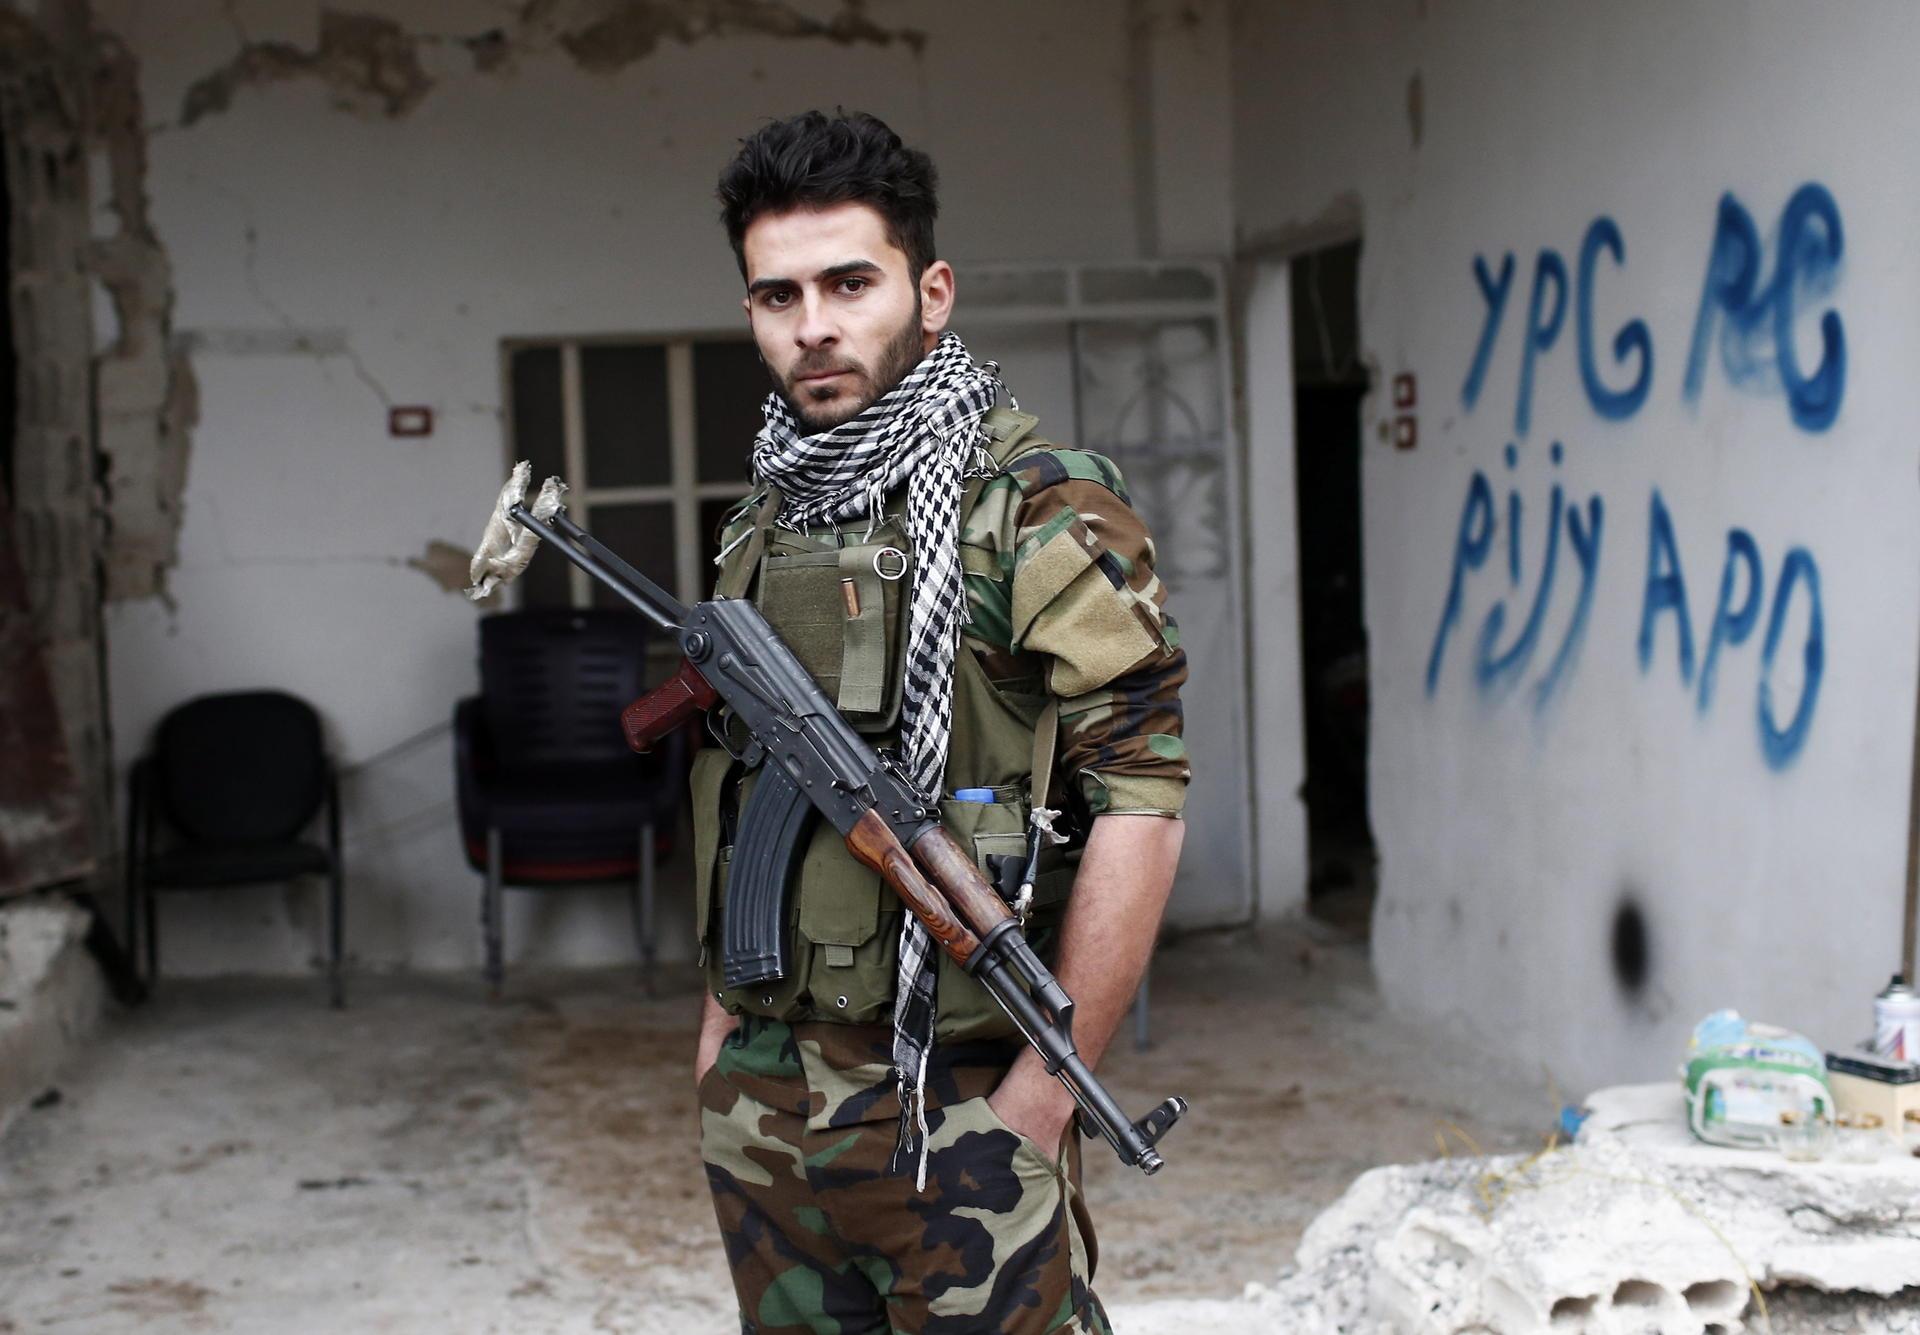 кто такие курды в турции фото этом разделе можете